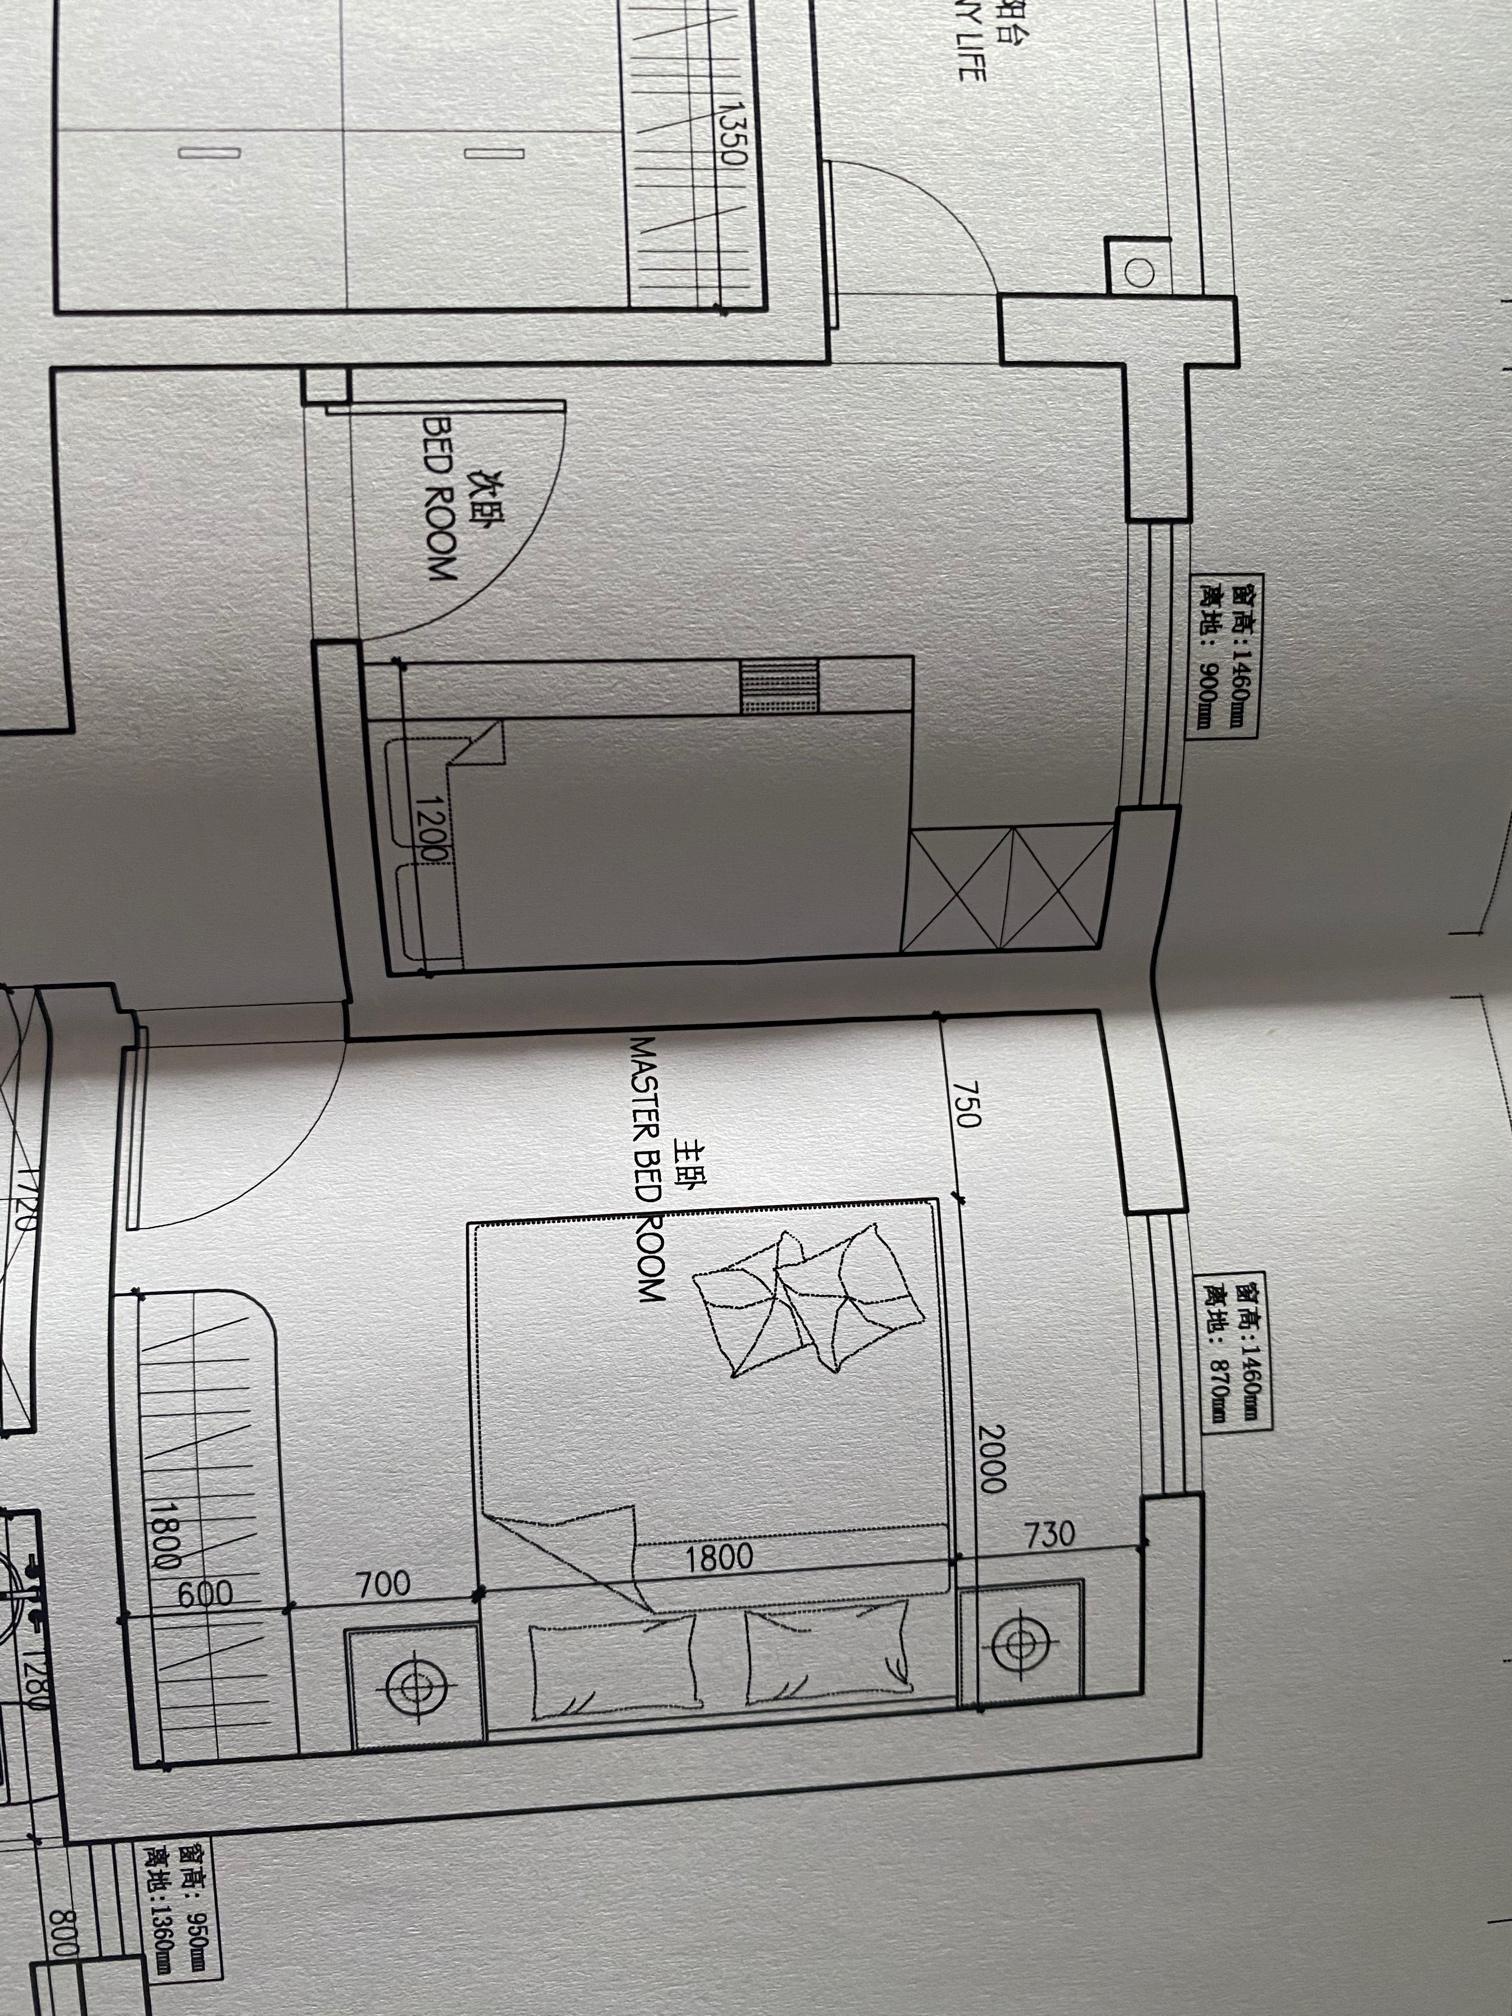 老房翻新,客厅和房间地面要做防水吗?